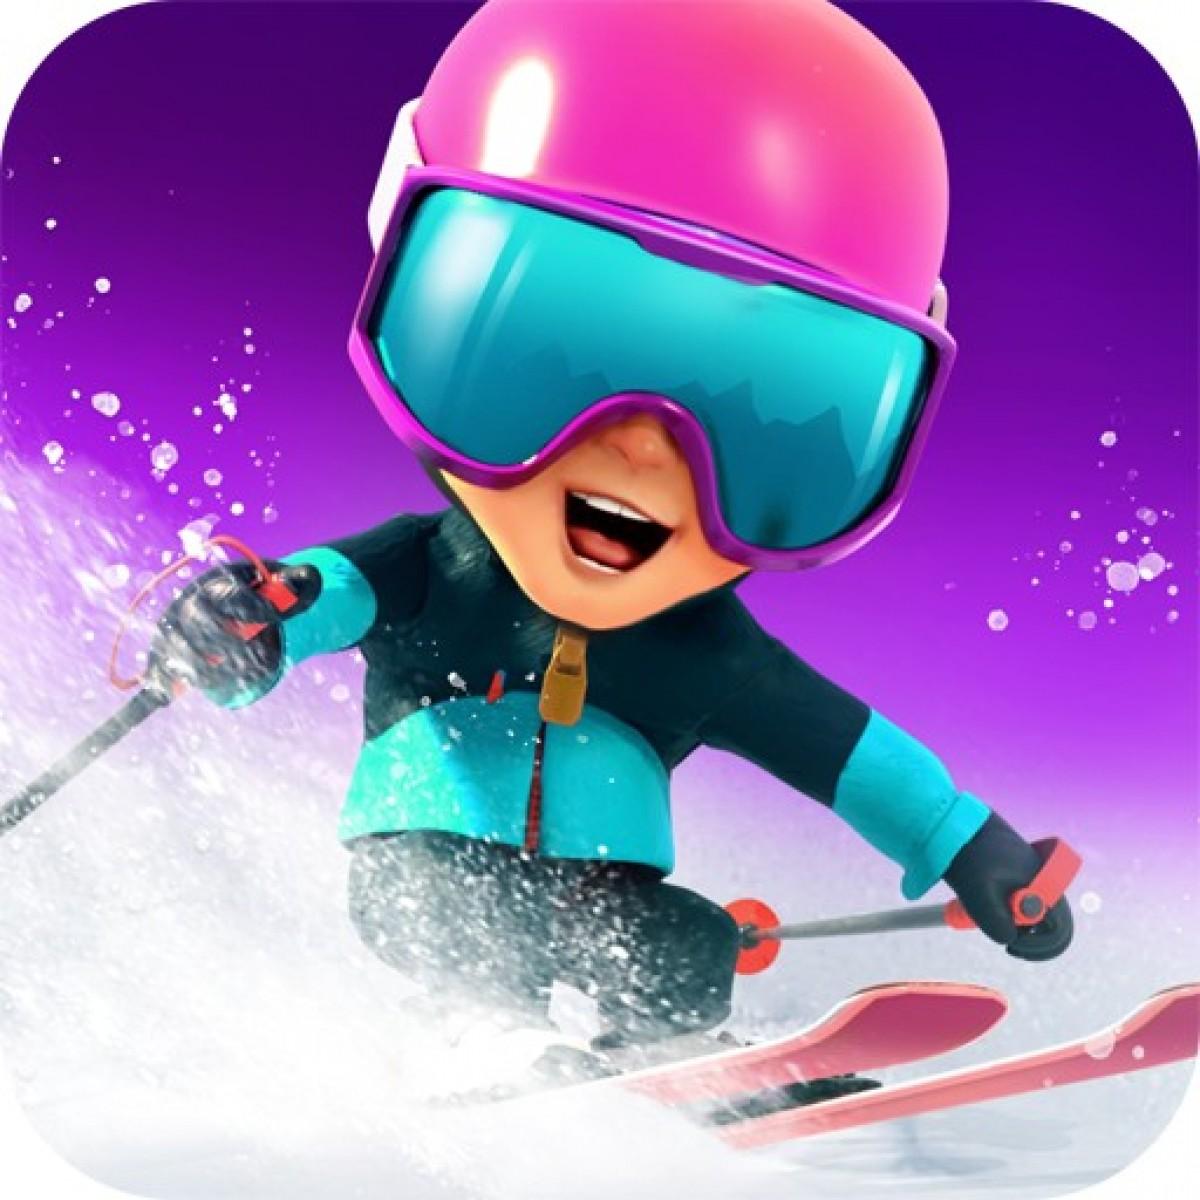 snow trial v1 0 8 mod apk money 1 - Snow Trial v1.0.8 MOD APK - Money Cheat